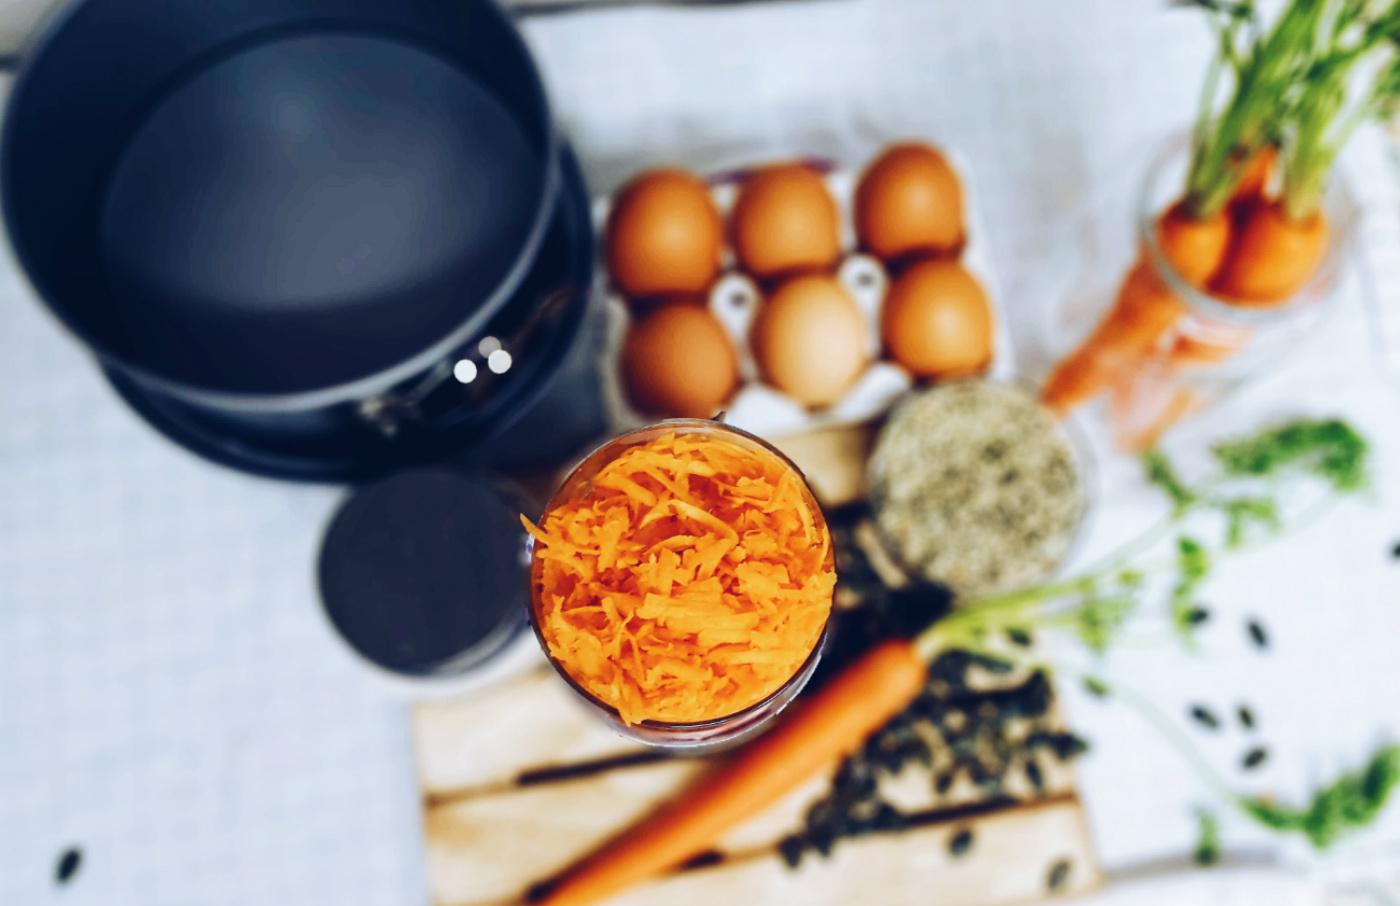 Carrot-cake-saludable-ingredientes-detalle